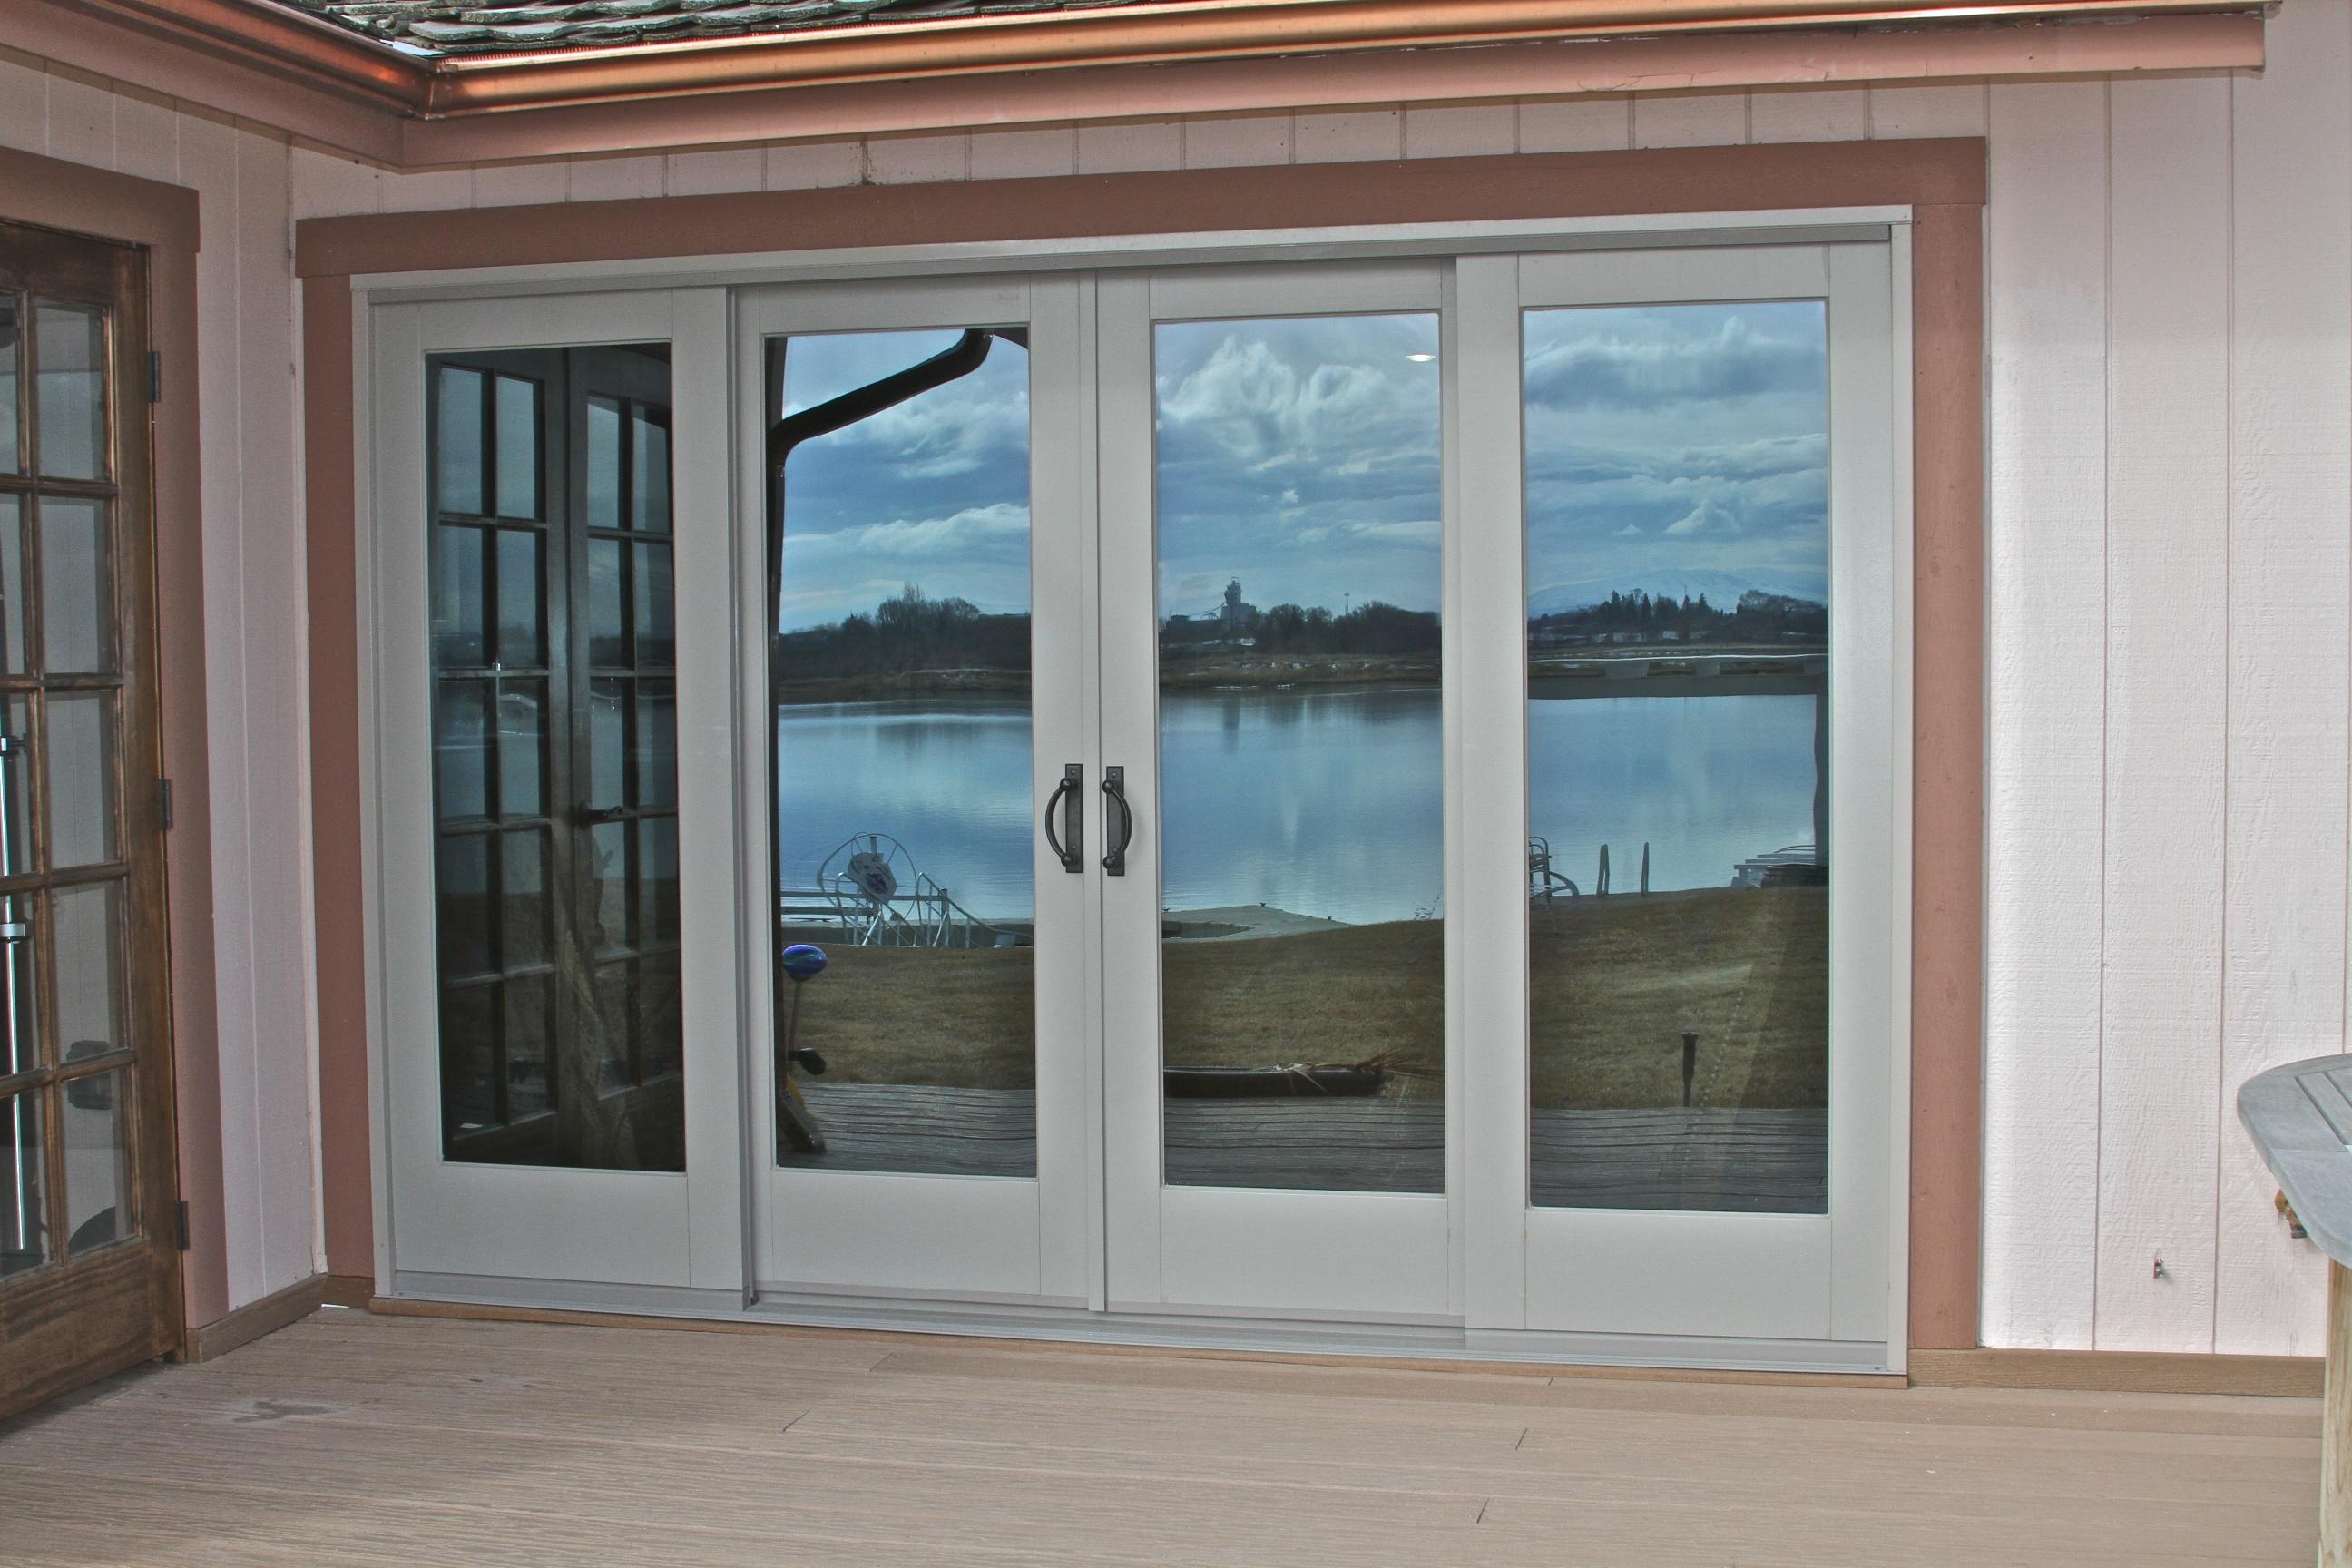 Andersen Sliding Glass Door With TransomAndersen Sliding Glass Door With Transom